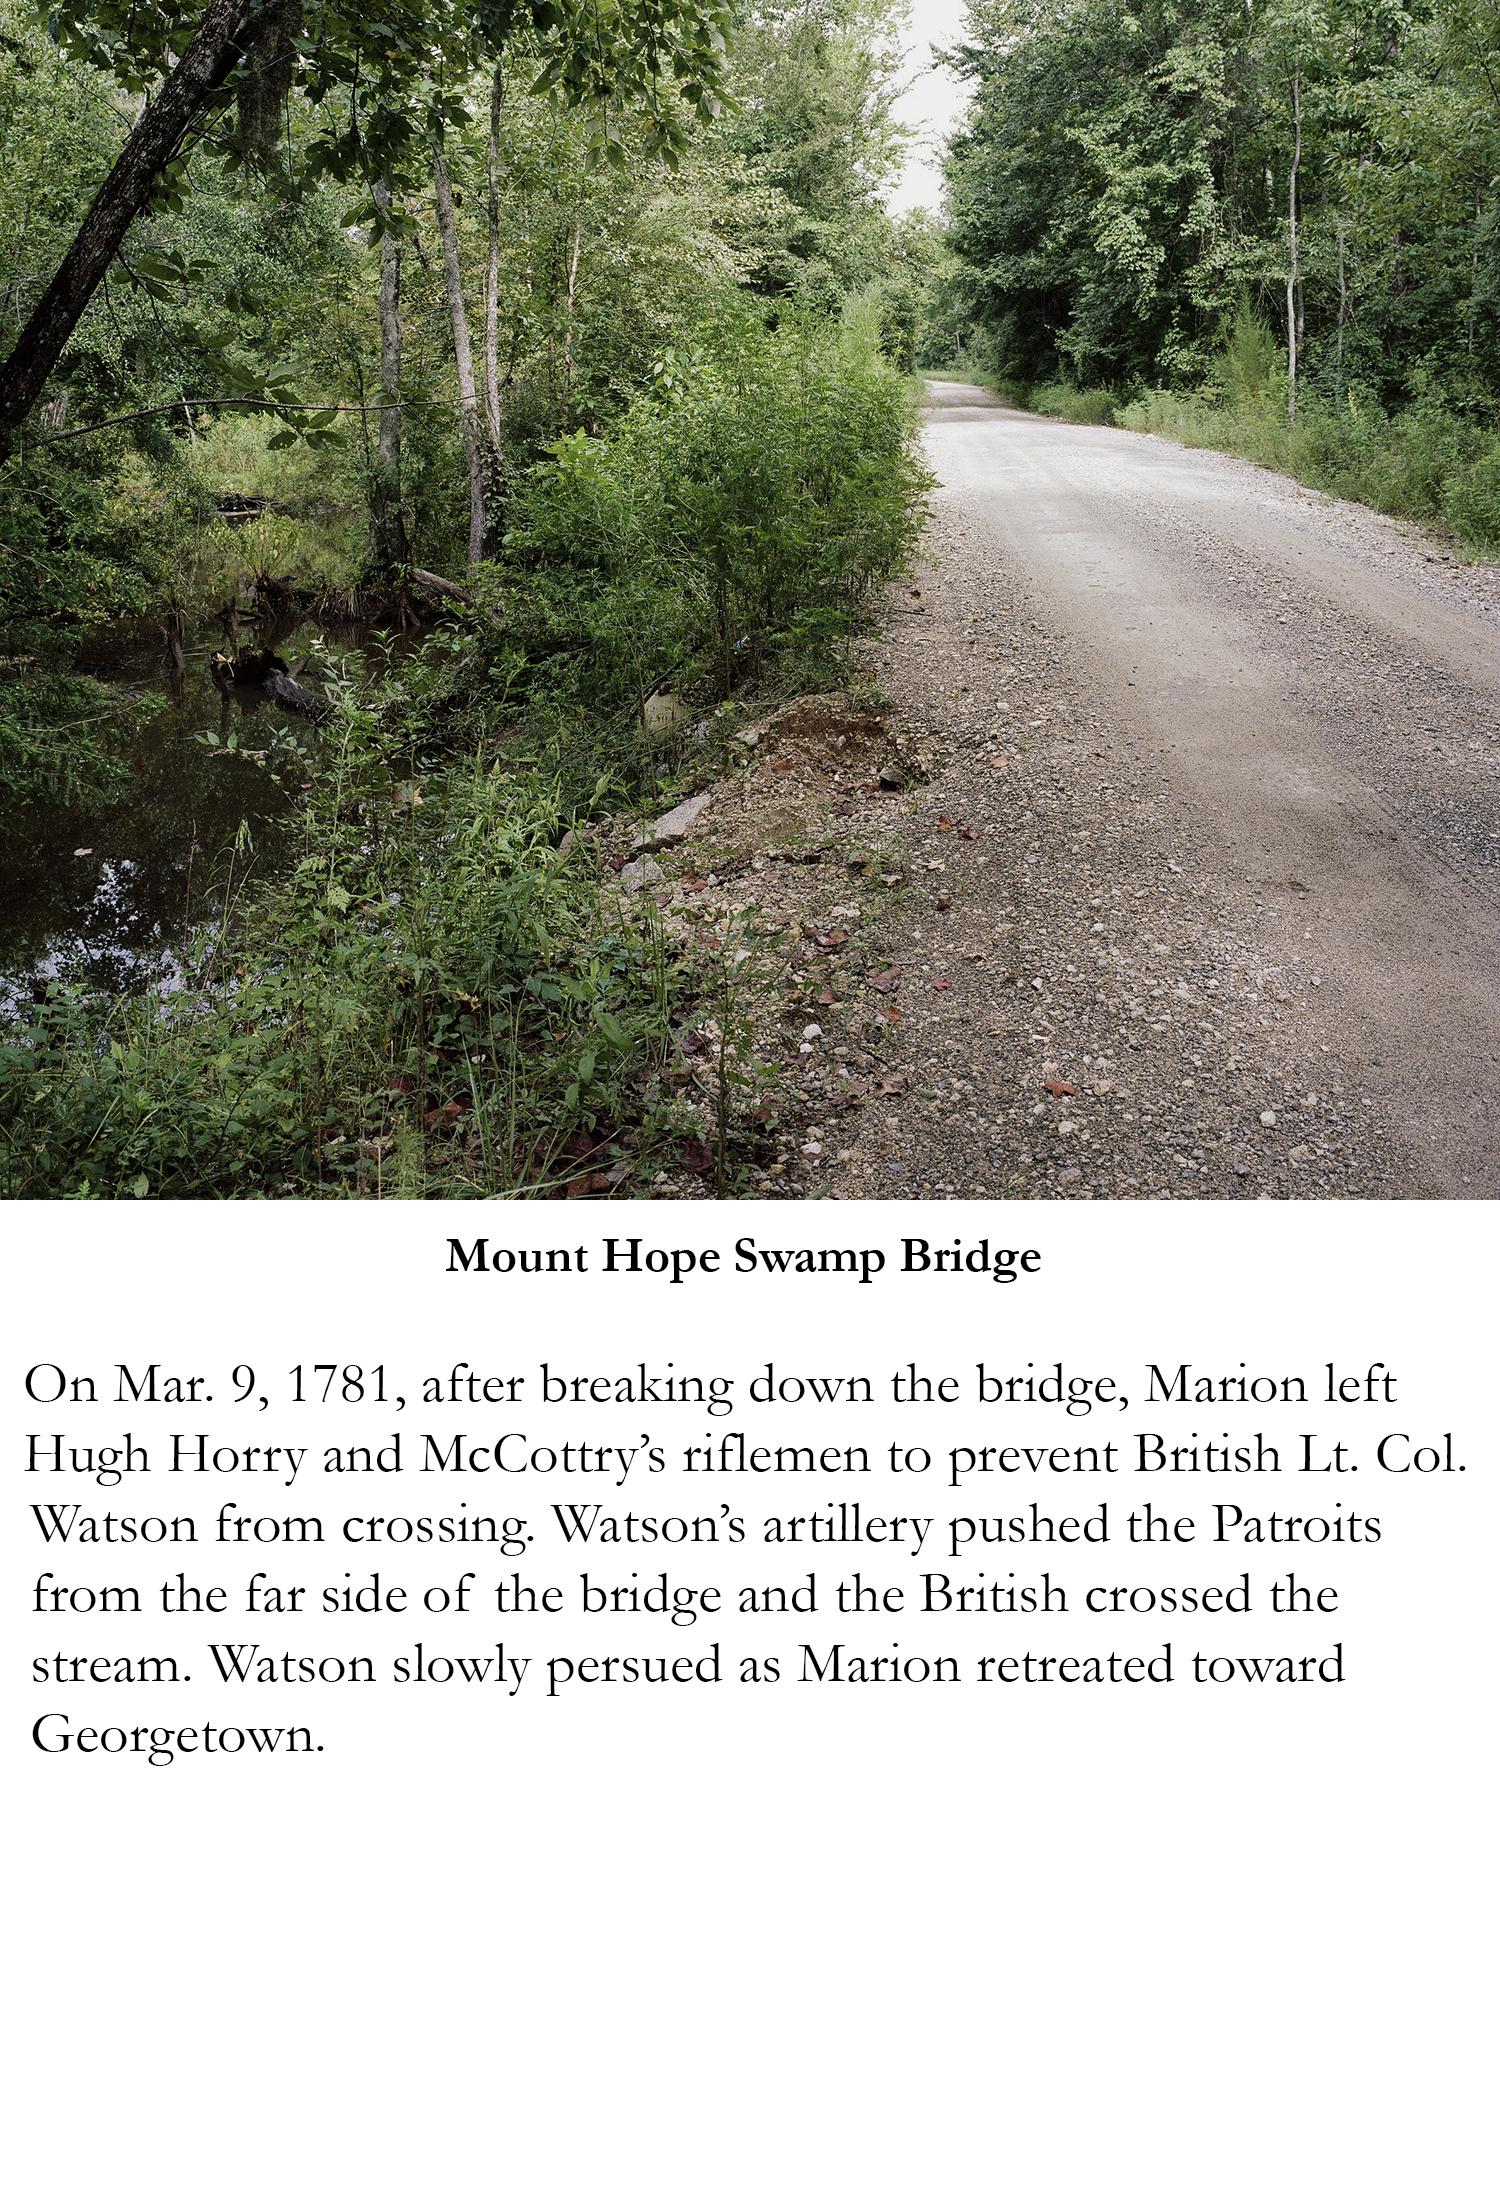 Mount Hope Swamp Bridge.jpg